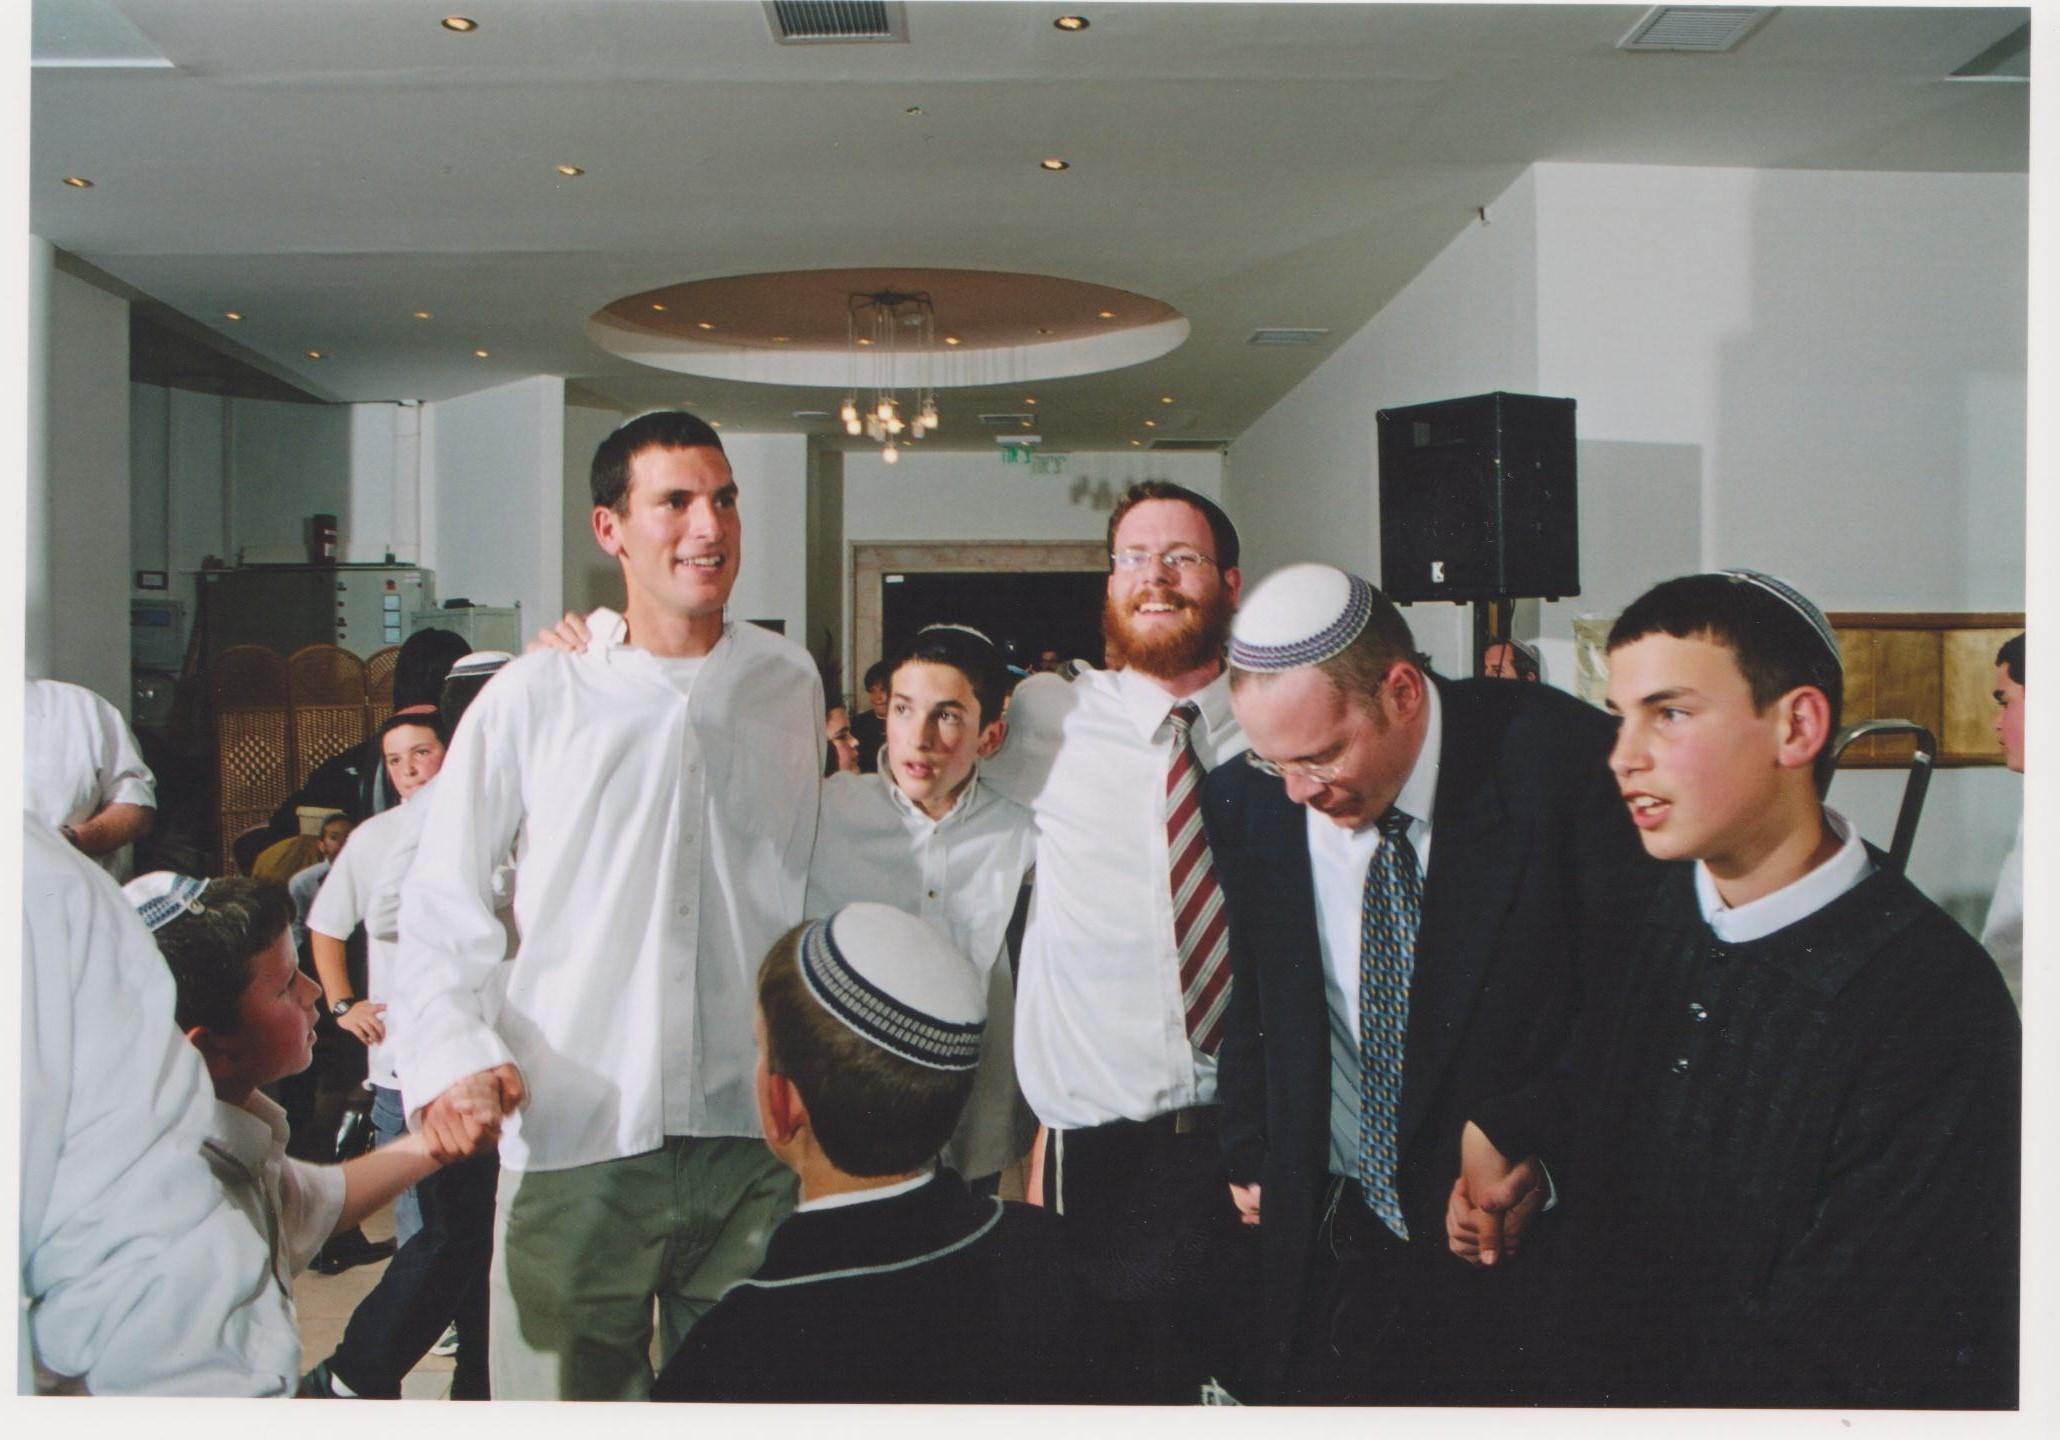 שבט תשסד שלמה עם חגי חמי הראל אריאל וישי בבר מצווה של חגי